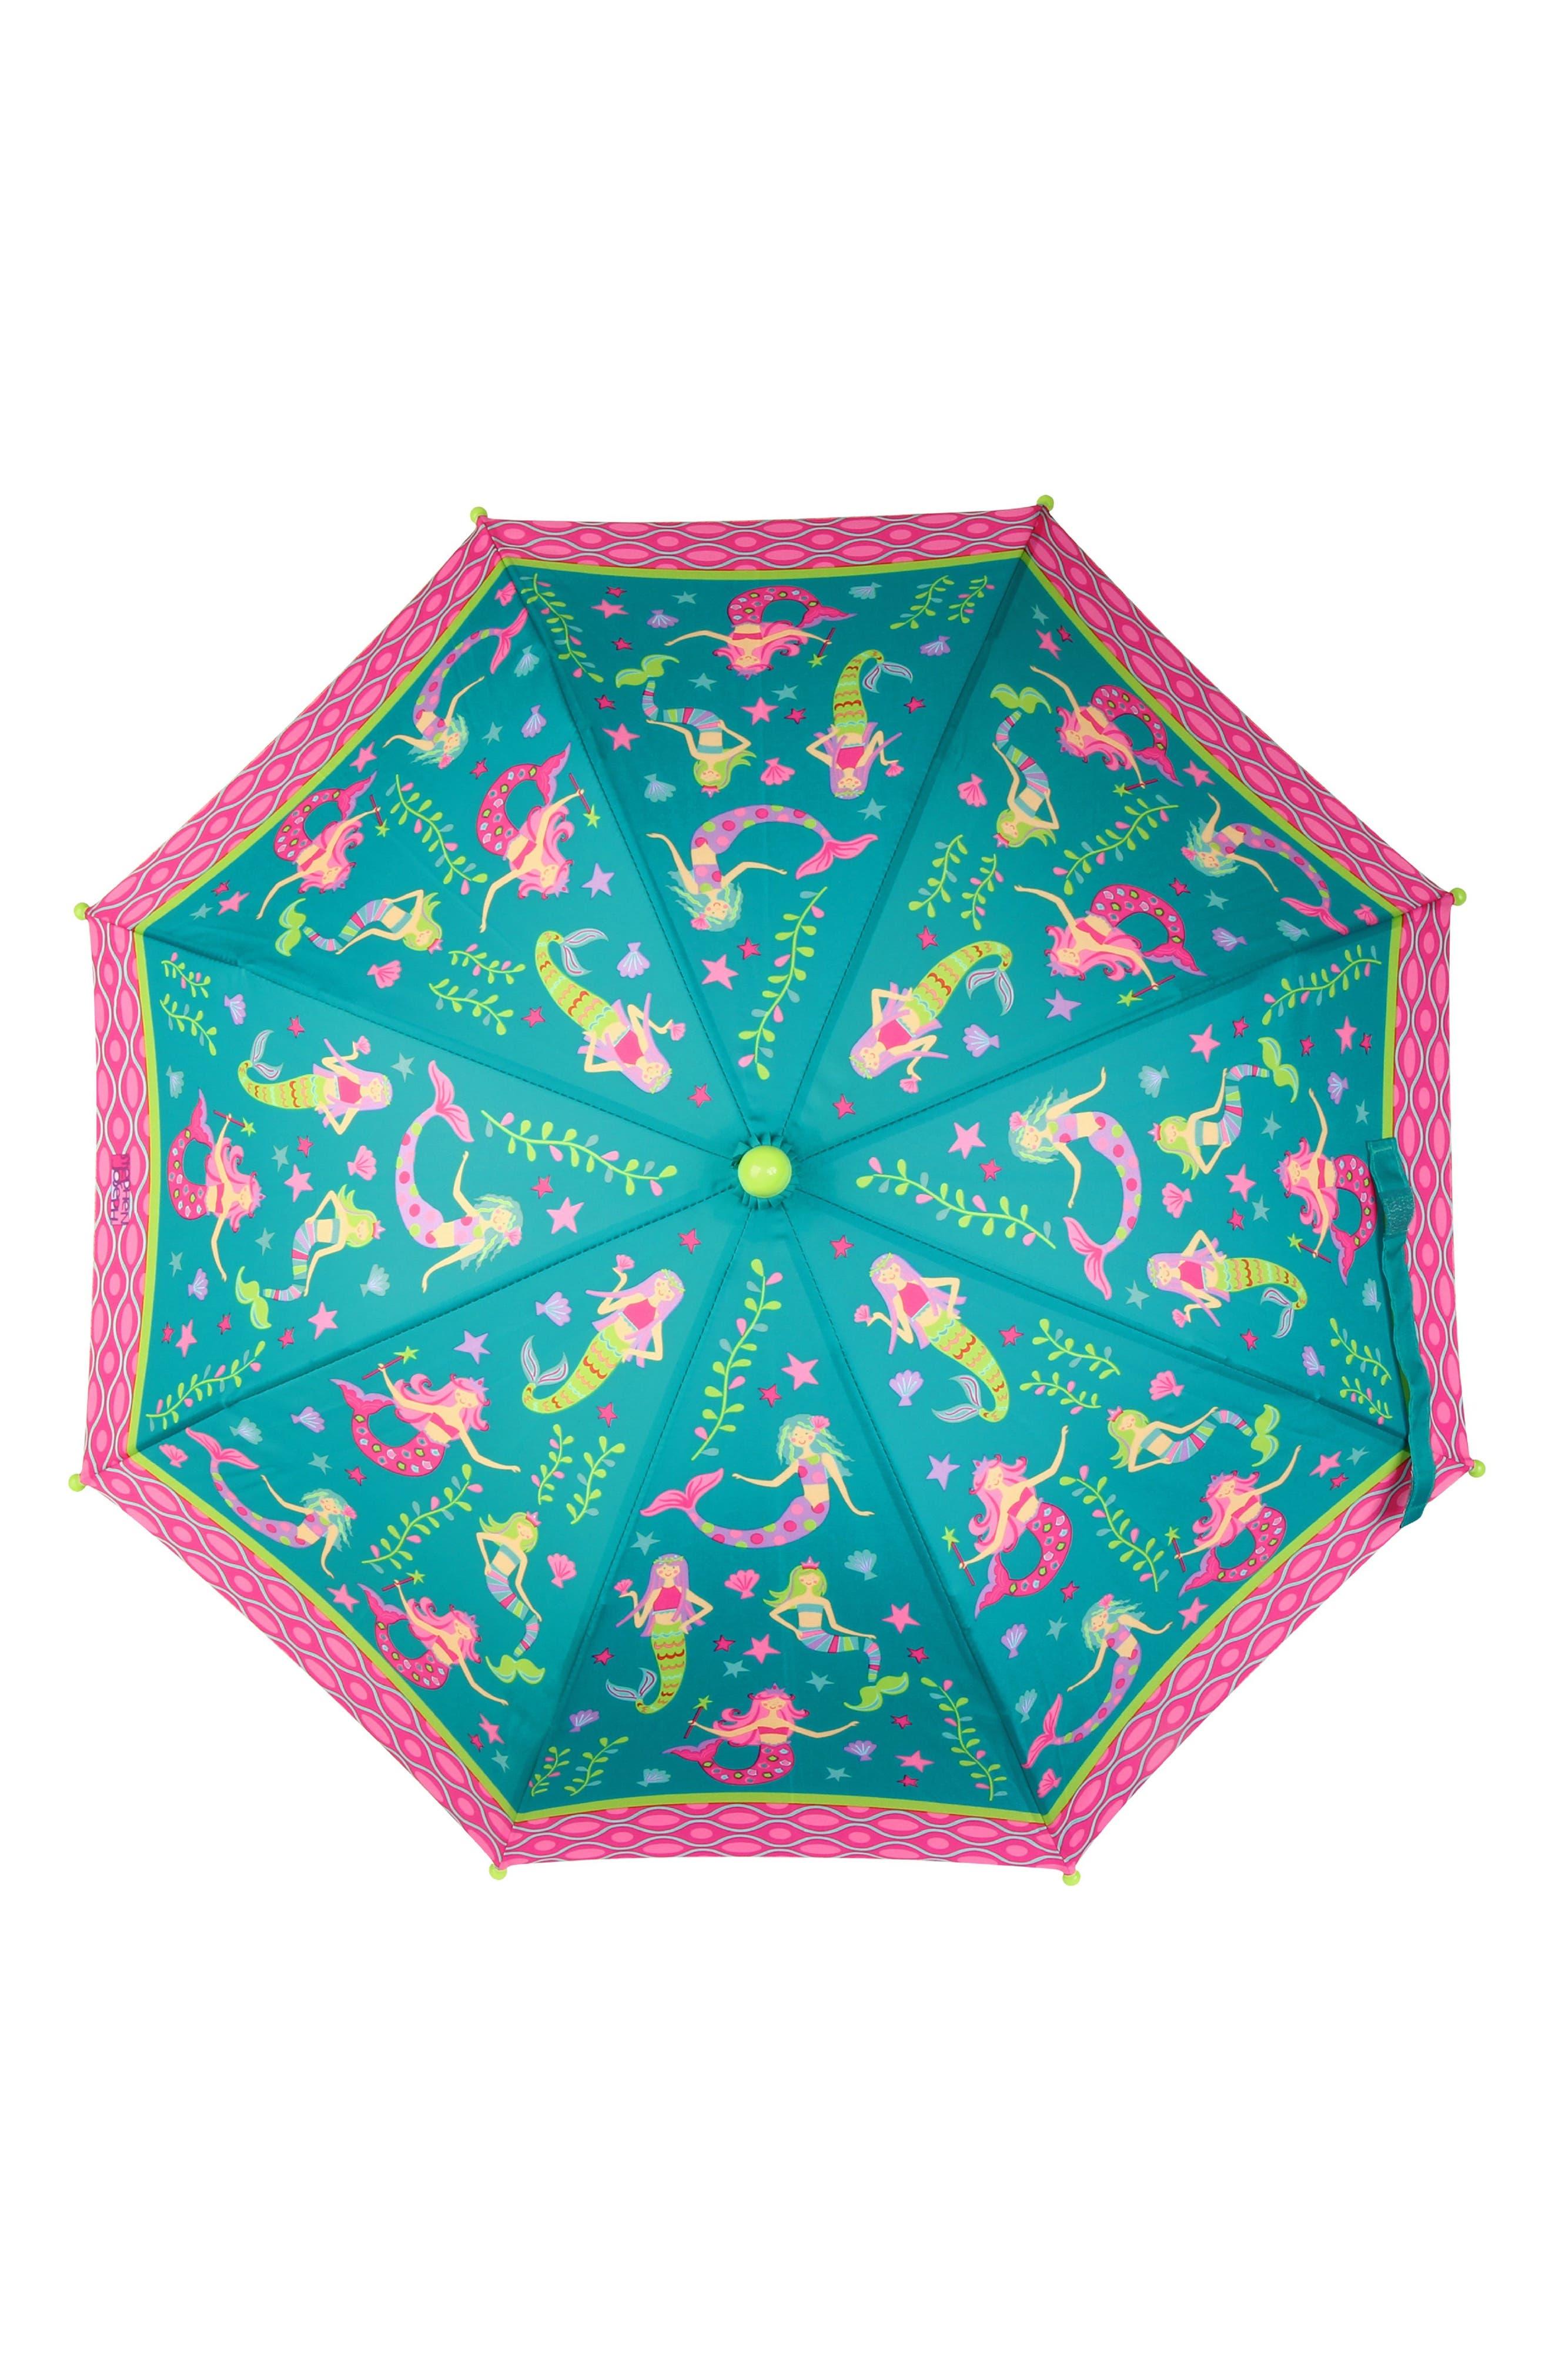 Mermaid Raincoat & Umbrella Set,                             Alternate thumbnail 2, color,                             MERMAID